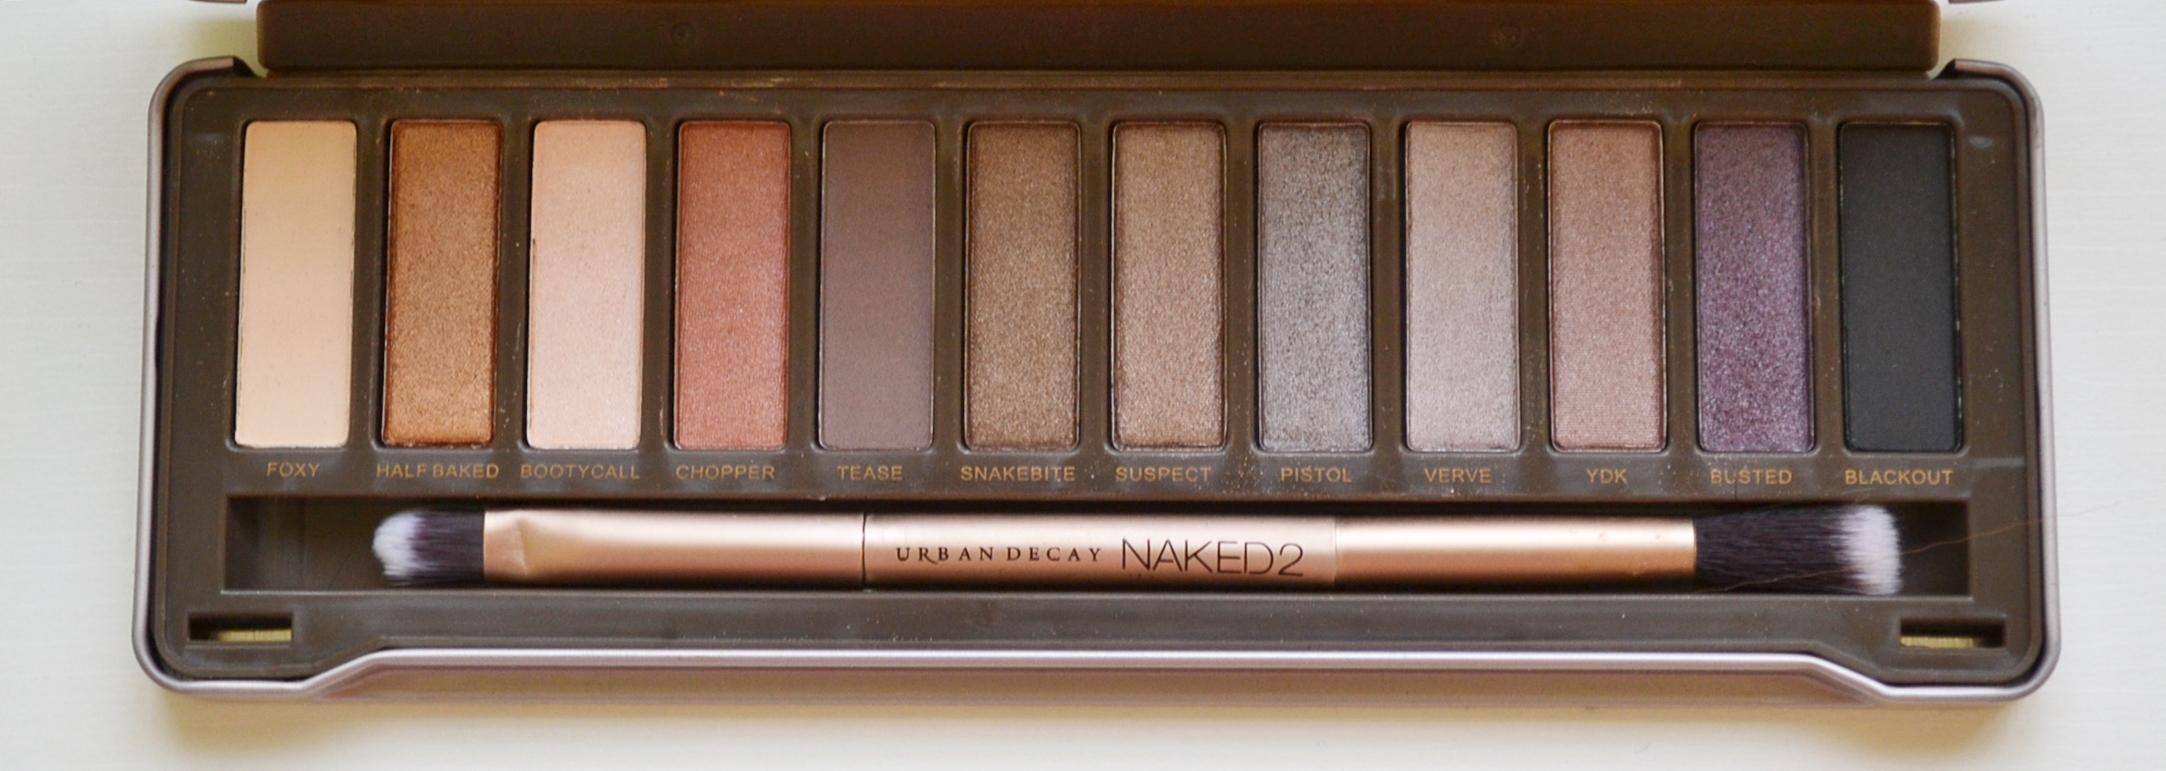 paleta+naked+2+urban+decay+replica+cinderela+de+mentira+5